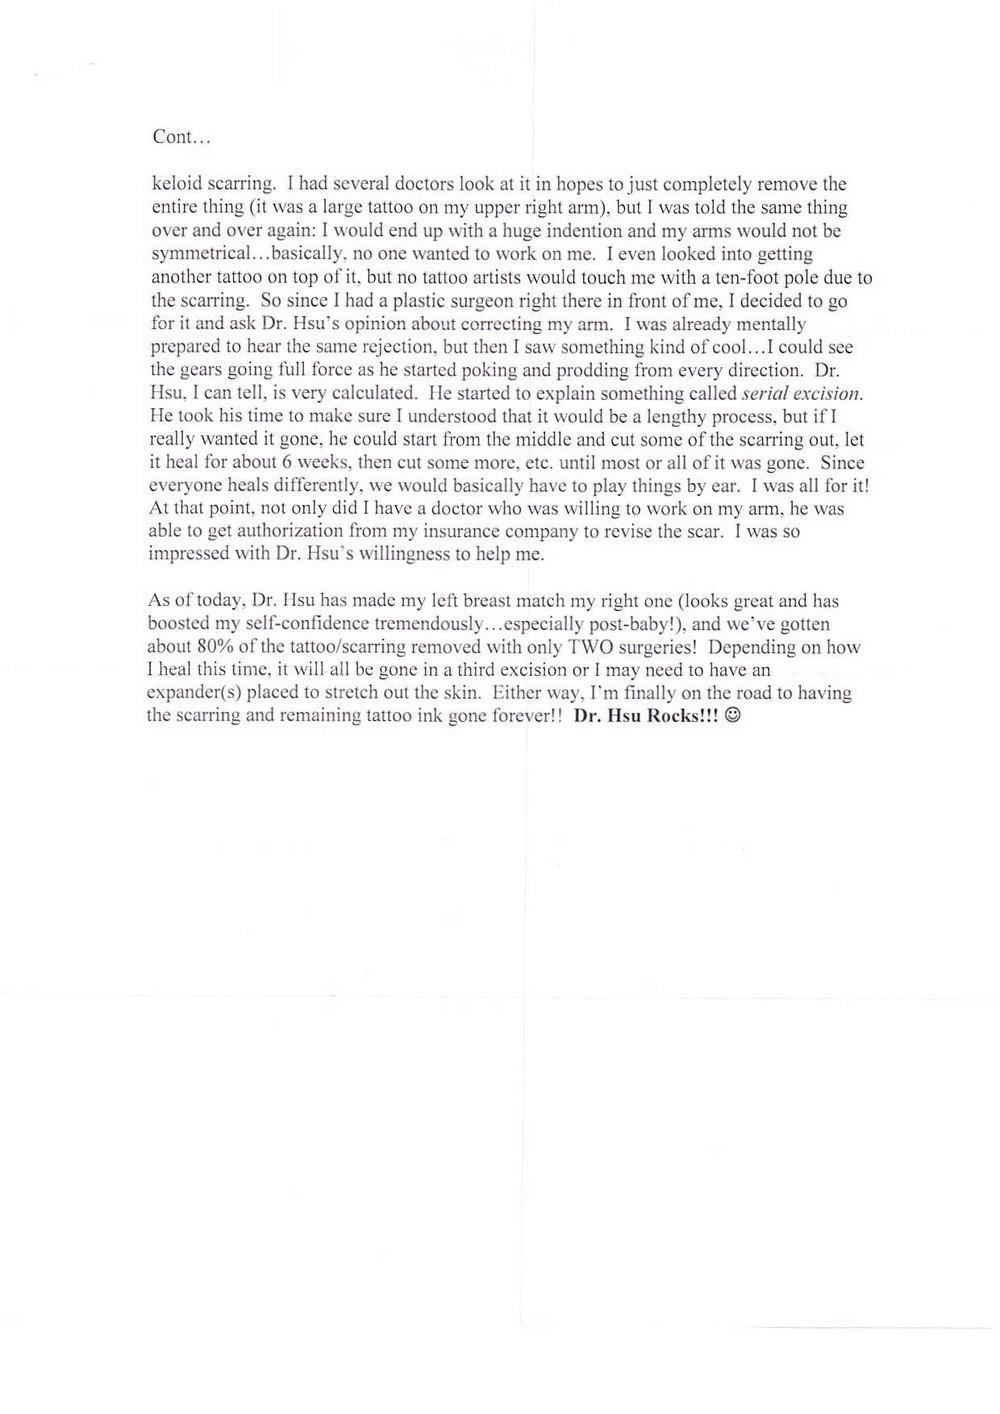 Review-hsuplasticsurgery1.jpg